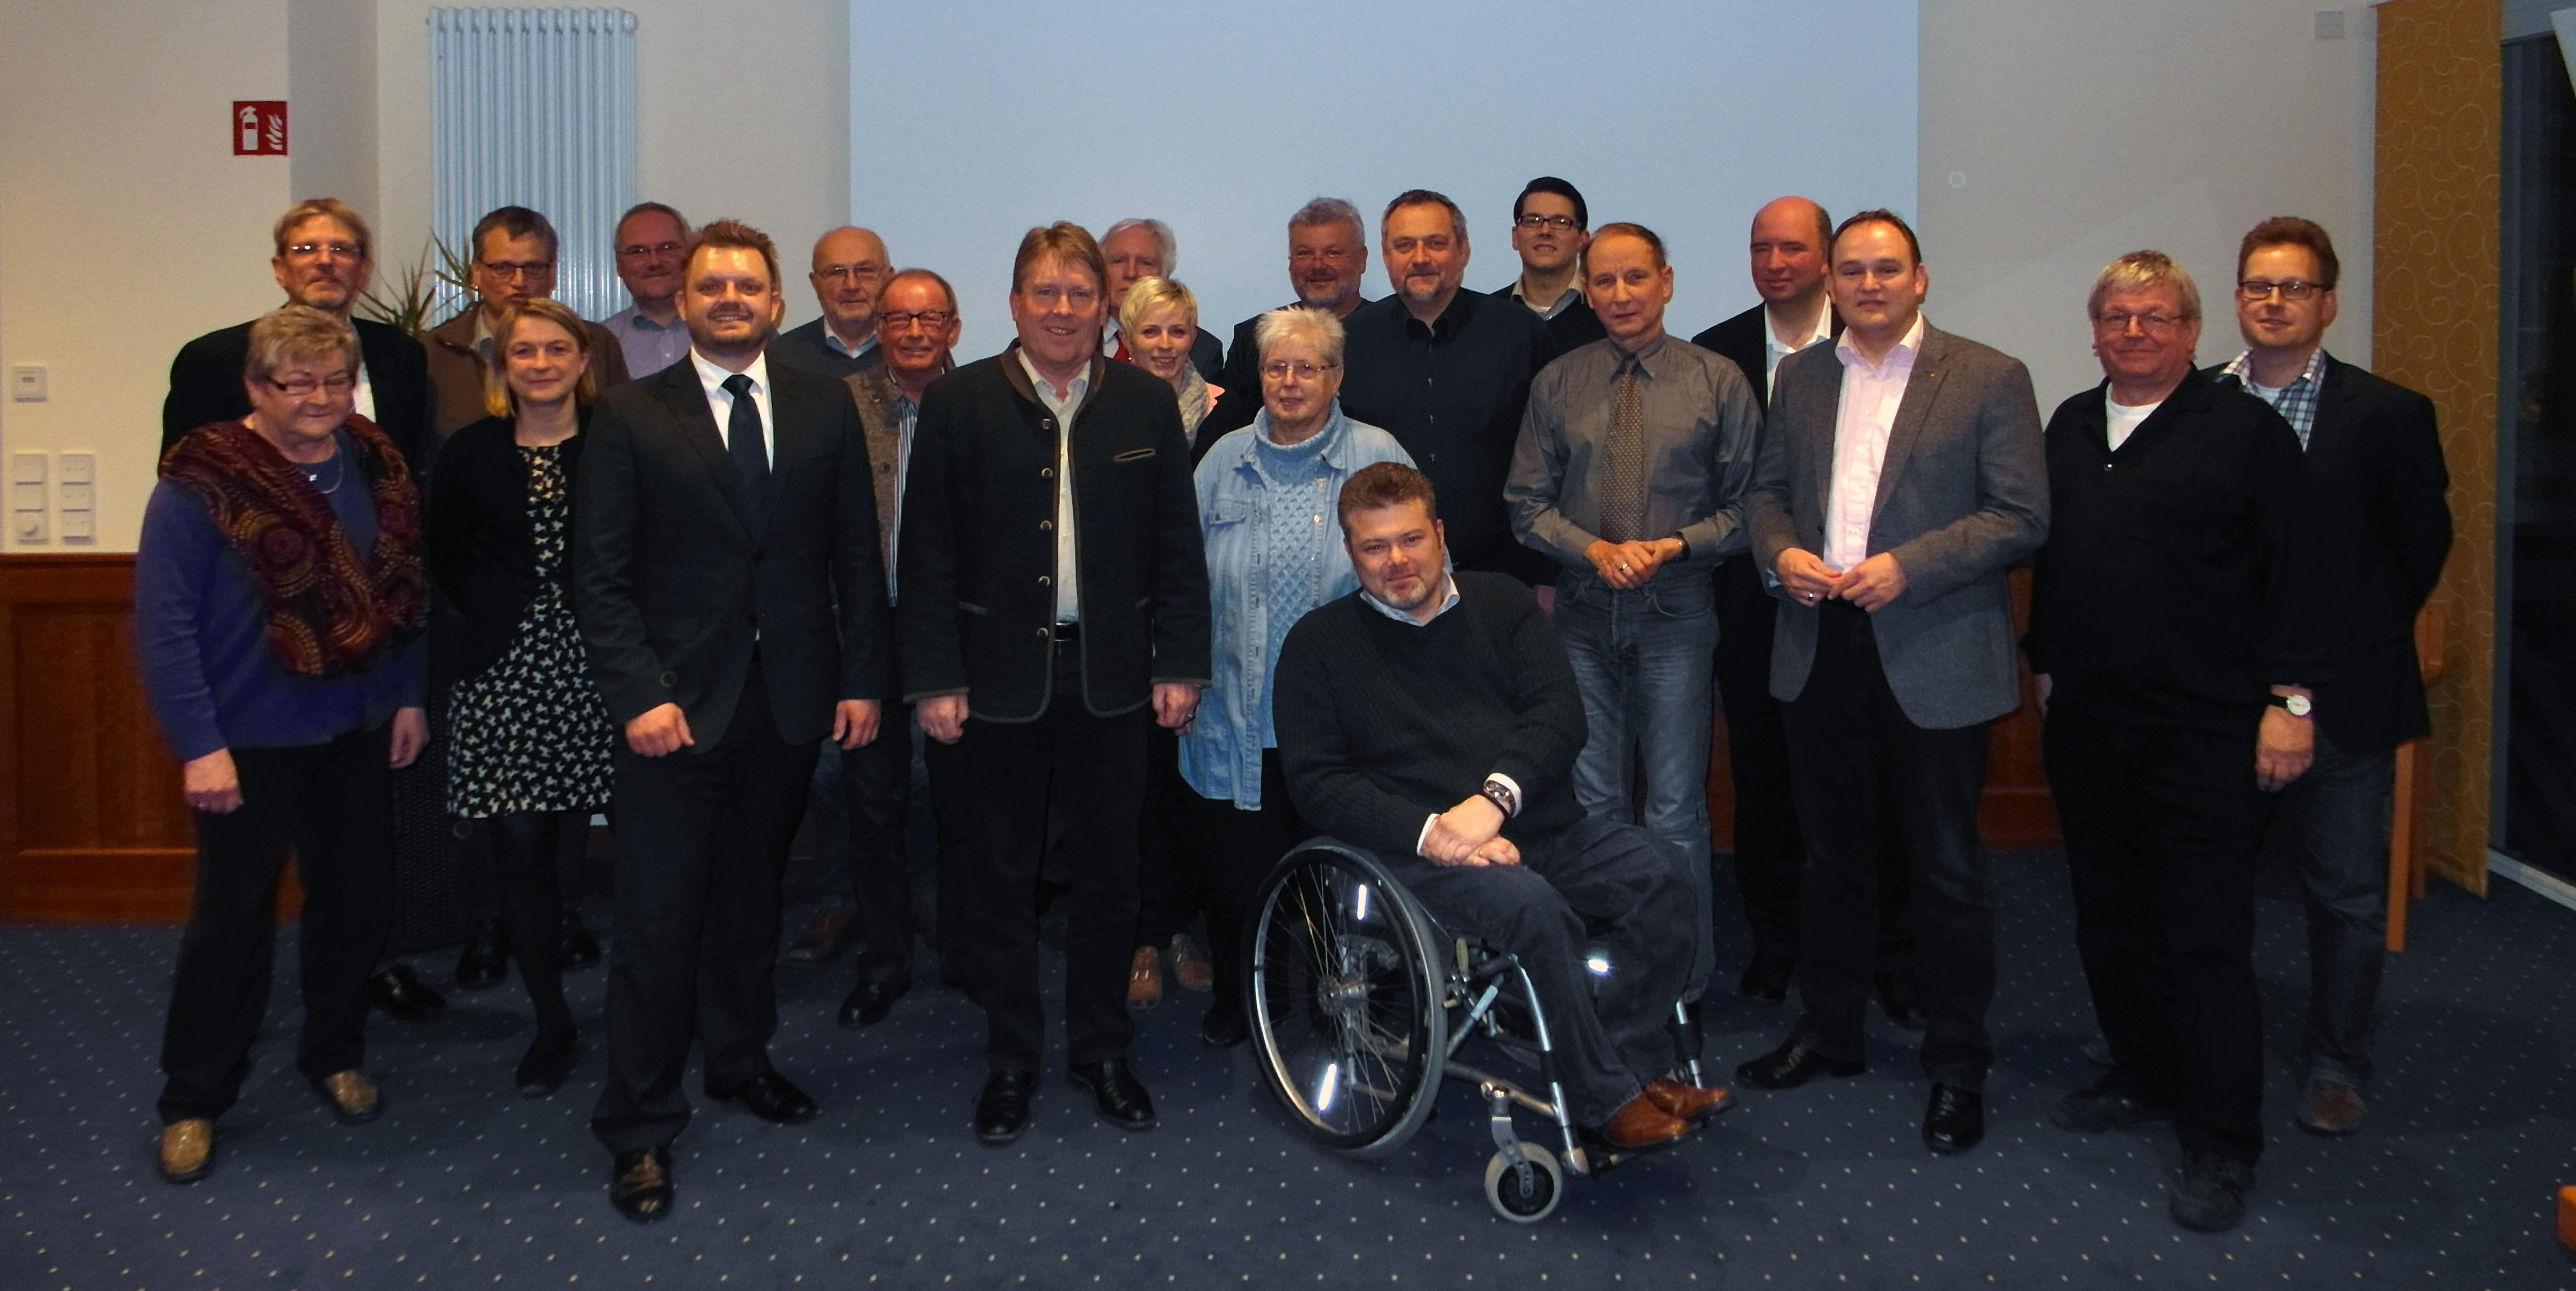 Die Mitglieder der CDU-Kreistagsfraktion haben gemeinsam mit dem Landratskandidaten der CDU, Bernd Stute (1. Reihe, zweiter von links) den Kreishaushalt beraten.